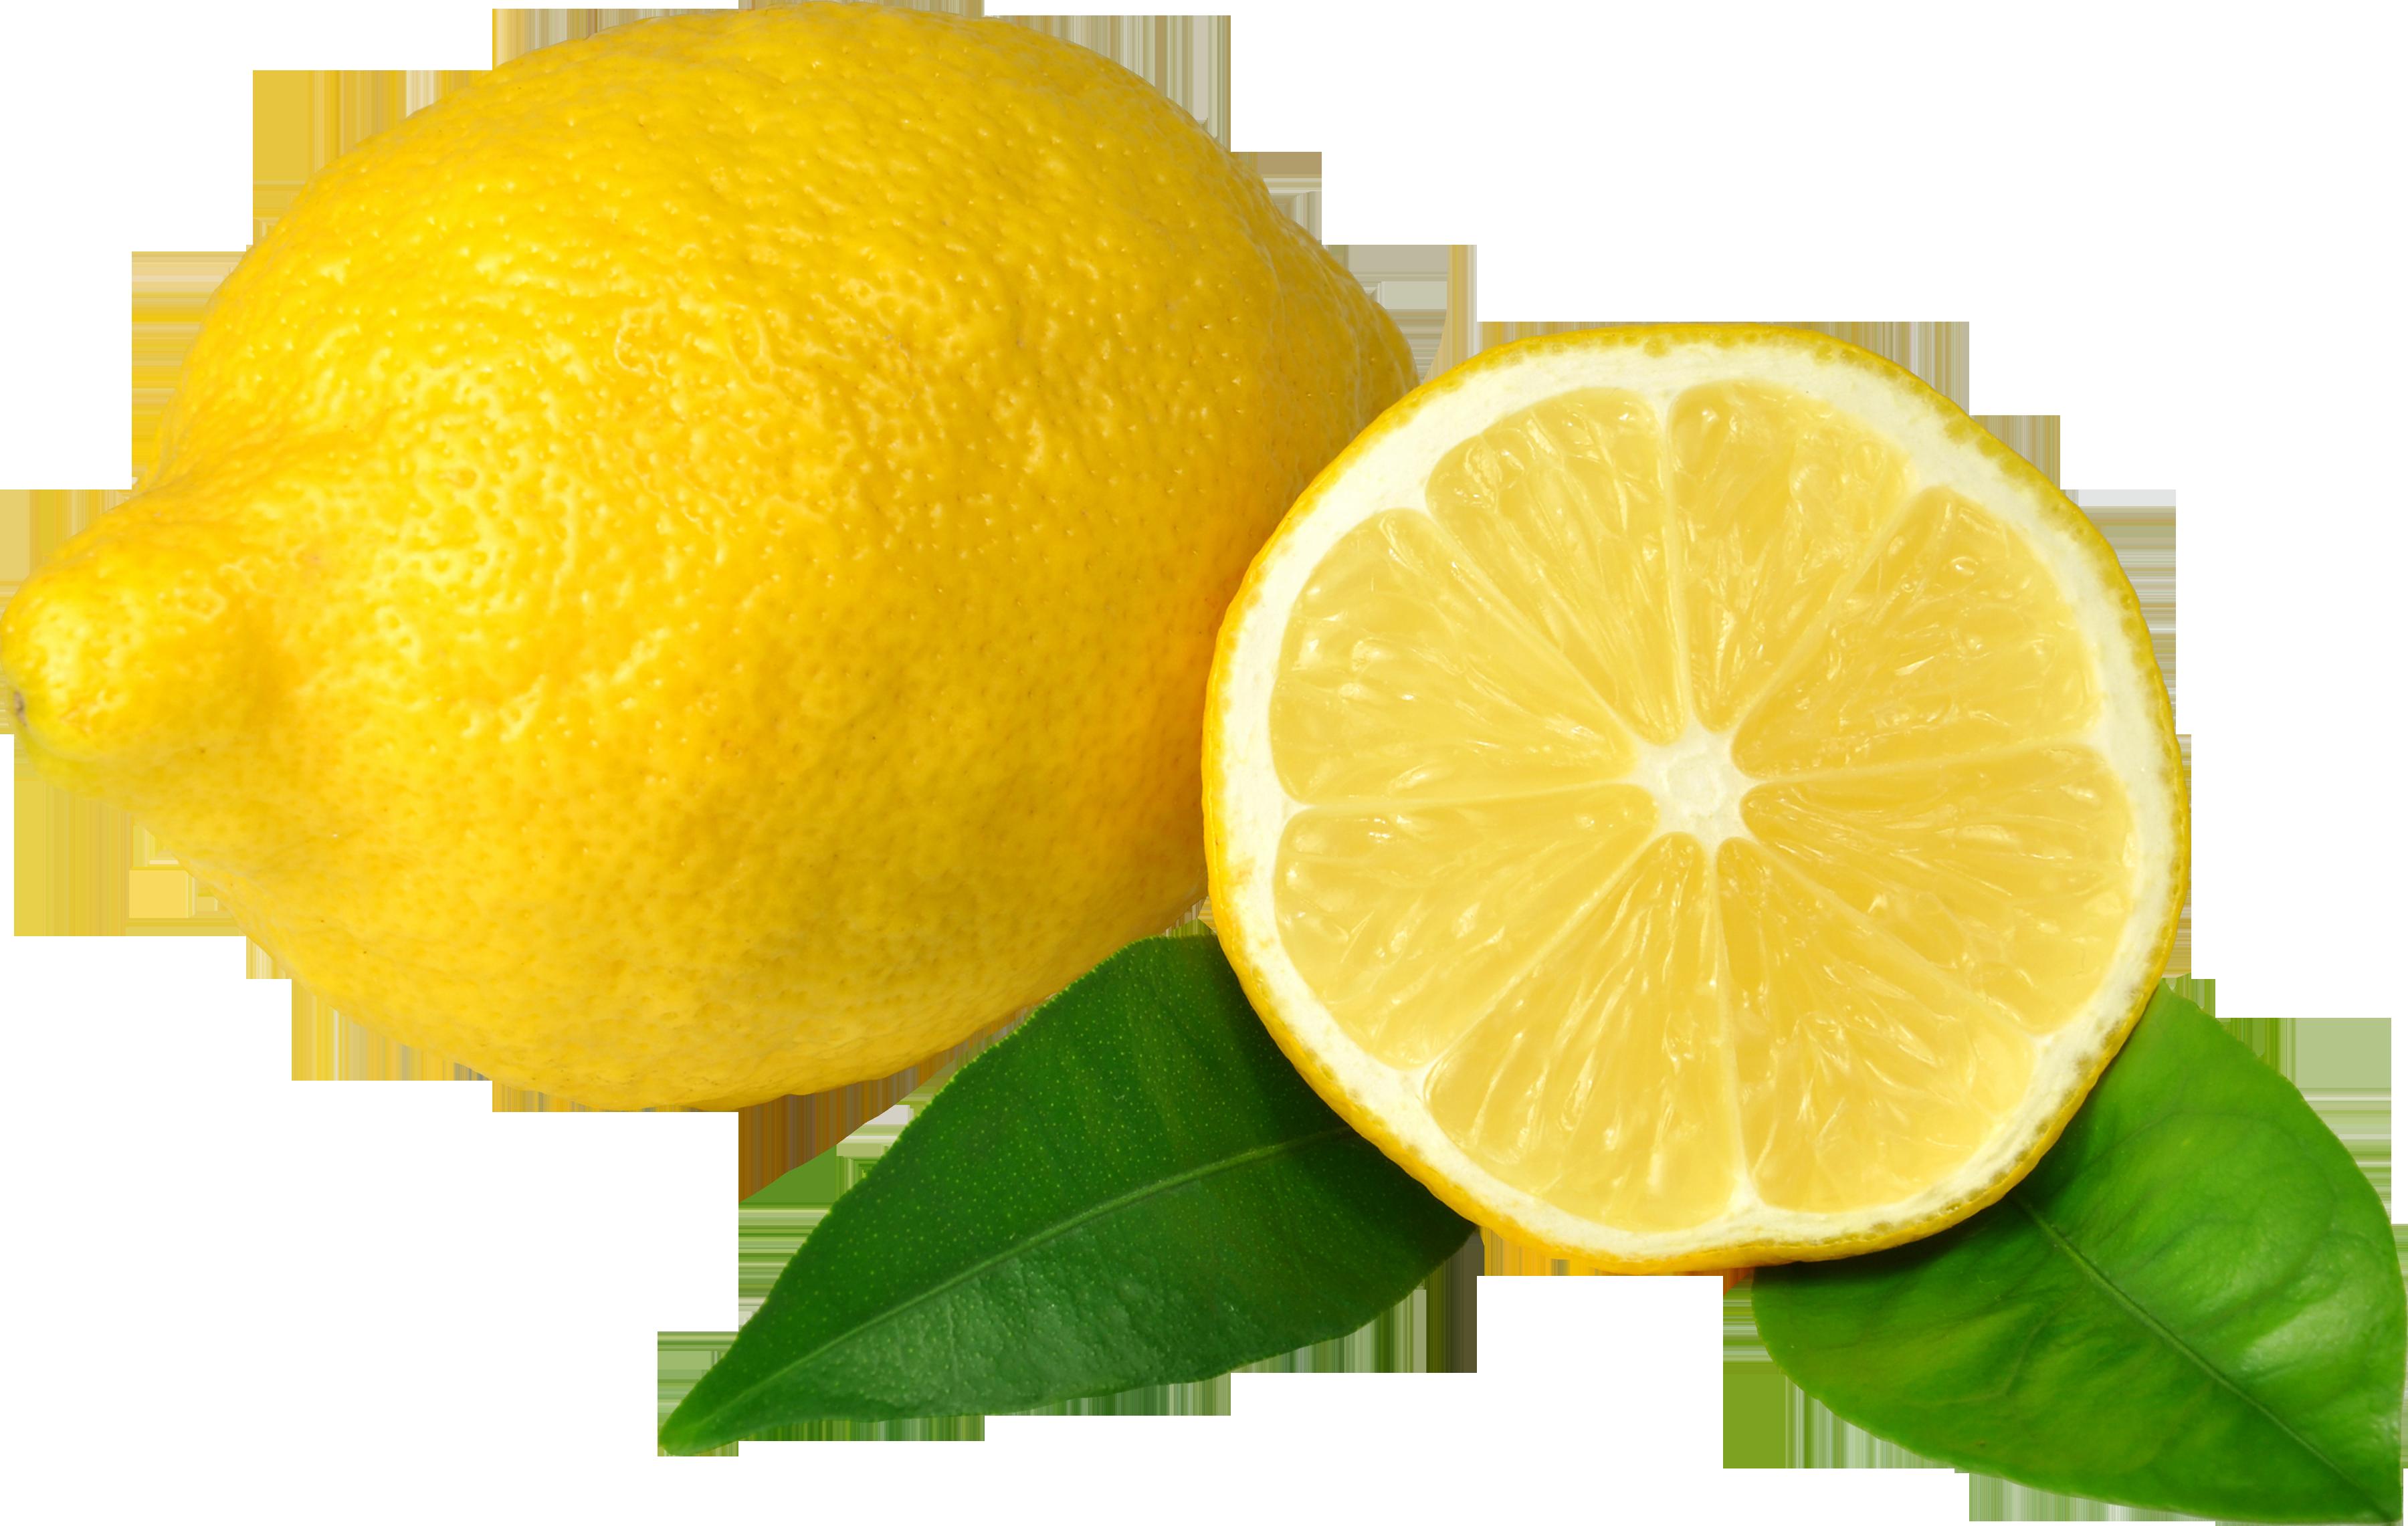 Lemons clipart sour taste. Lemon png